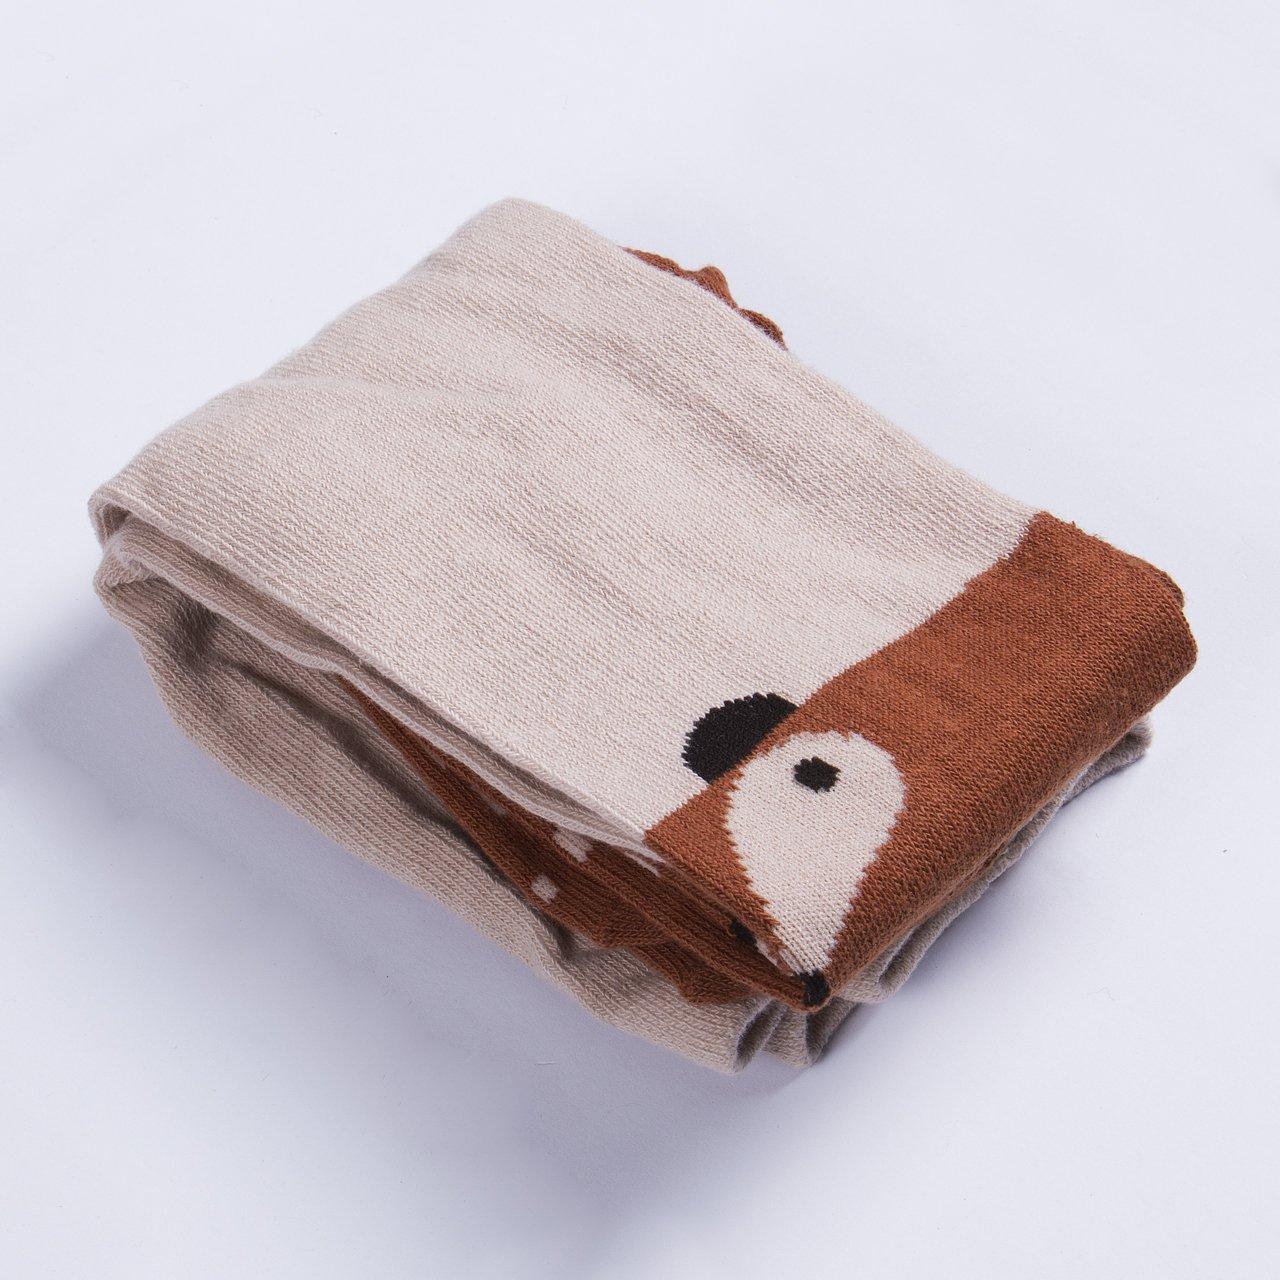 WangsCanis Baby M/ädchen Baumwoll Fuchs Gedruckt Strumpfhosen Warm Krabbelstrumpfhose Socken Leggings Strumpf